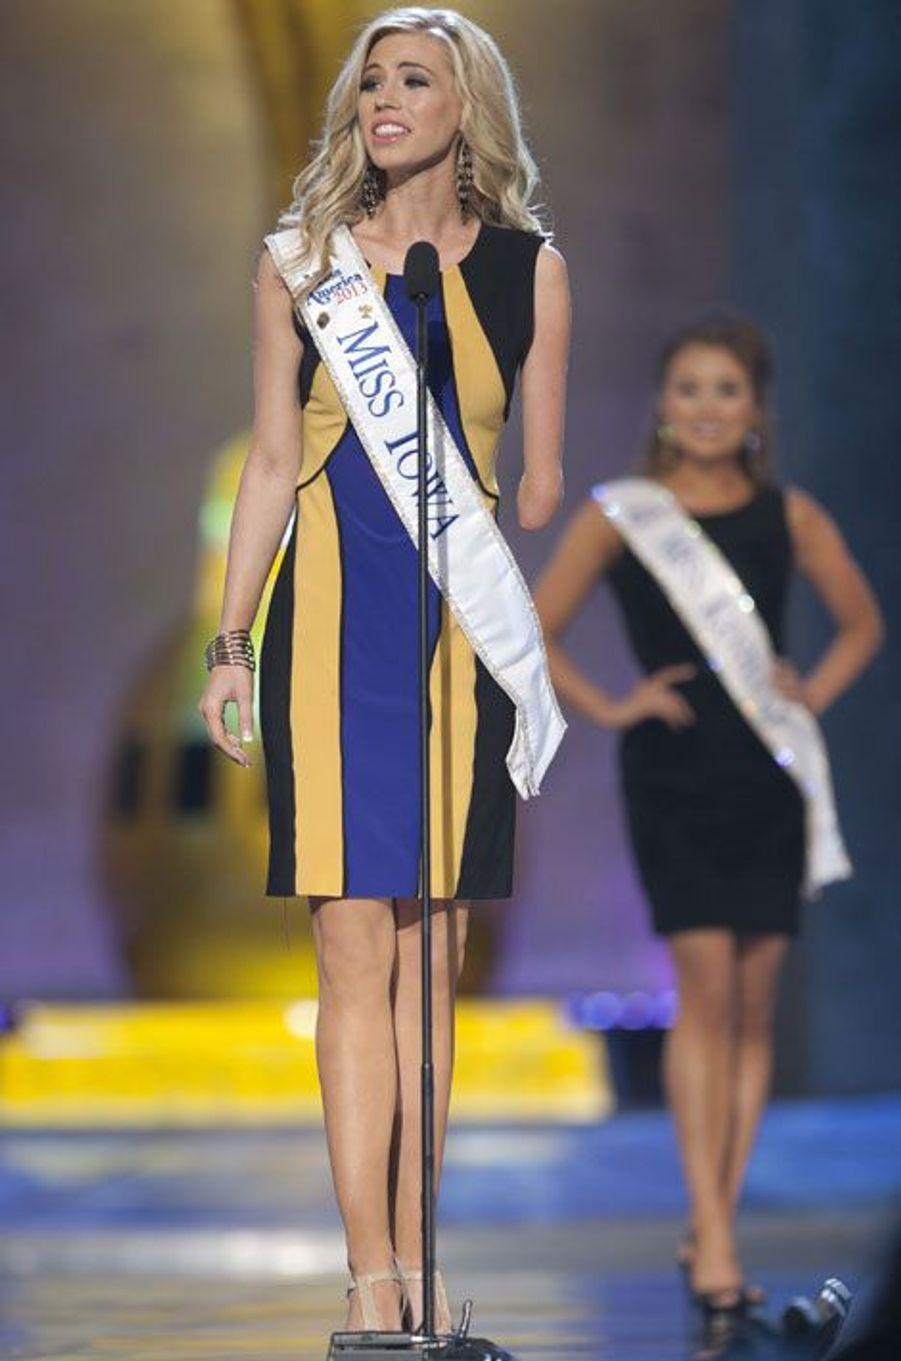 La présence de Miss Iowa, Nicole Kelly, née avec un seul avant-bras, a été remarquée. Avec ce concours, la jeune femme voulait dépasser son handicap et changer le regard des gens sur les personnes handicapées.